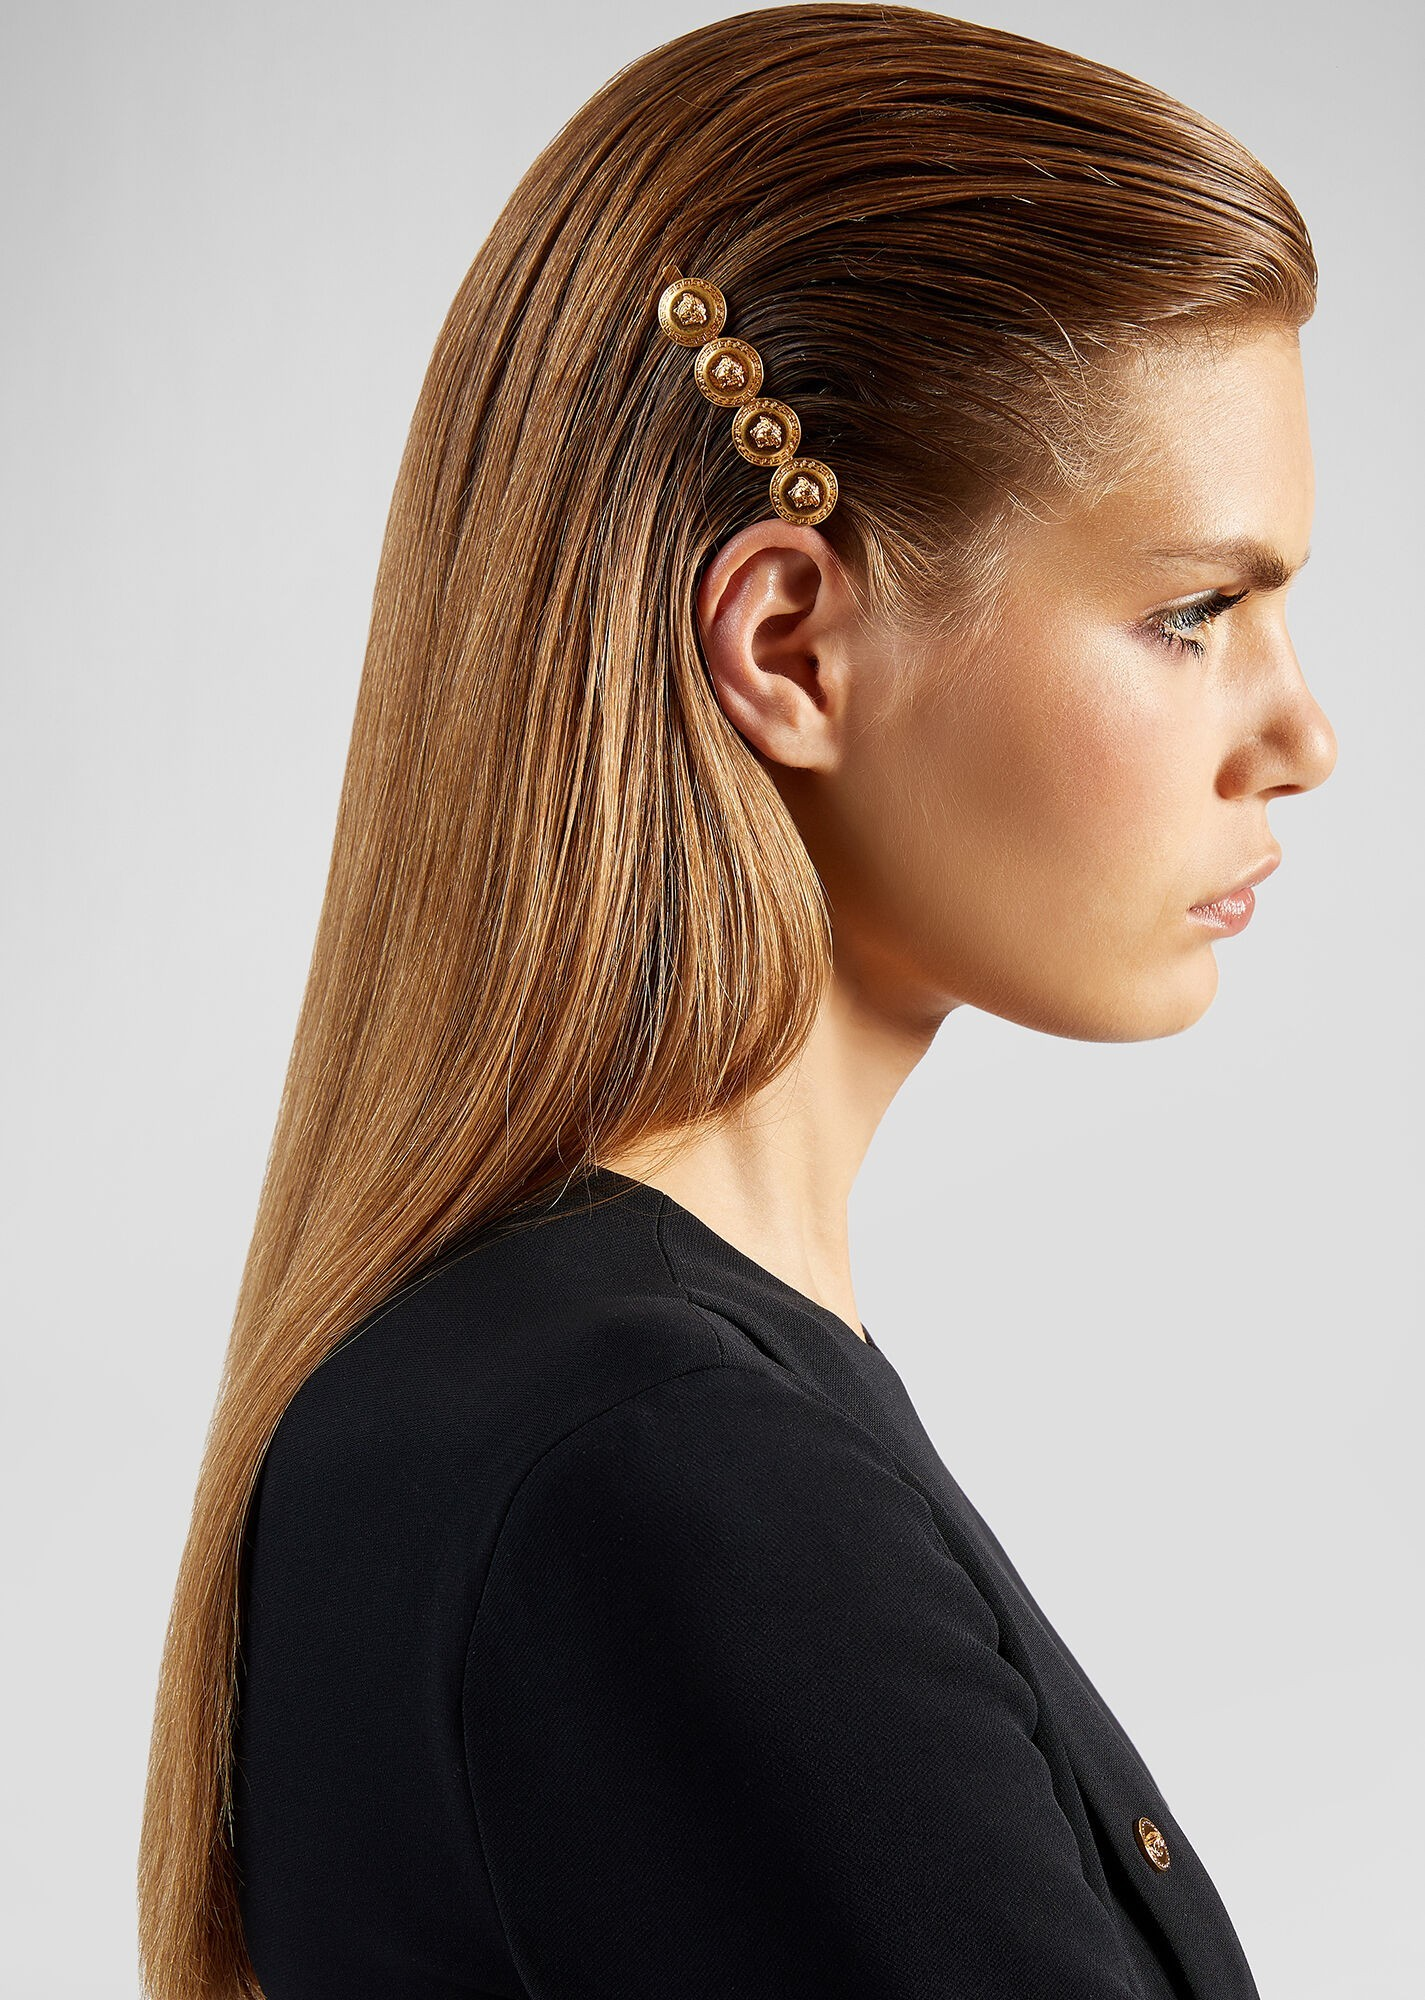 90-dgvg459-djmt-kot-23-leftmedusatributehairclip-hairclipsandbrooches-versace-online-store-2-3.jpg